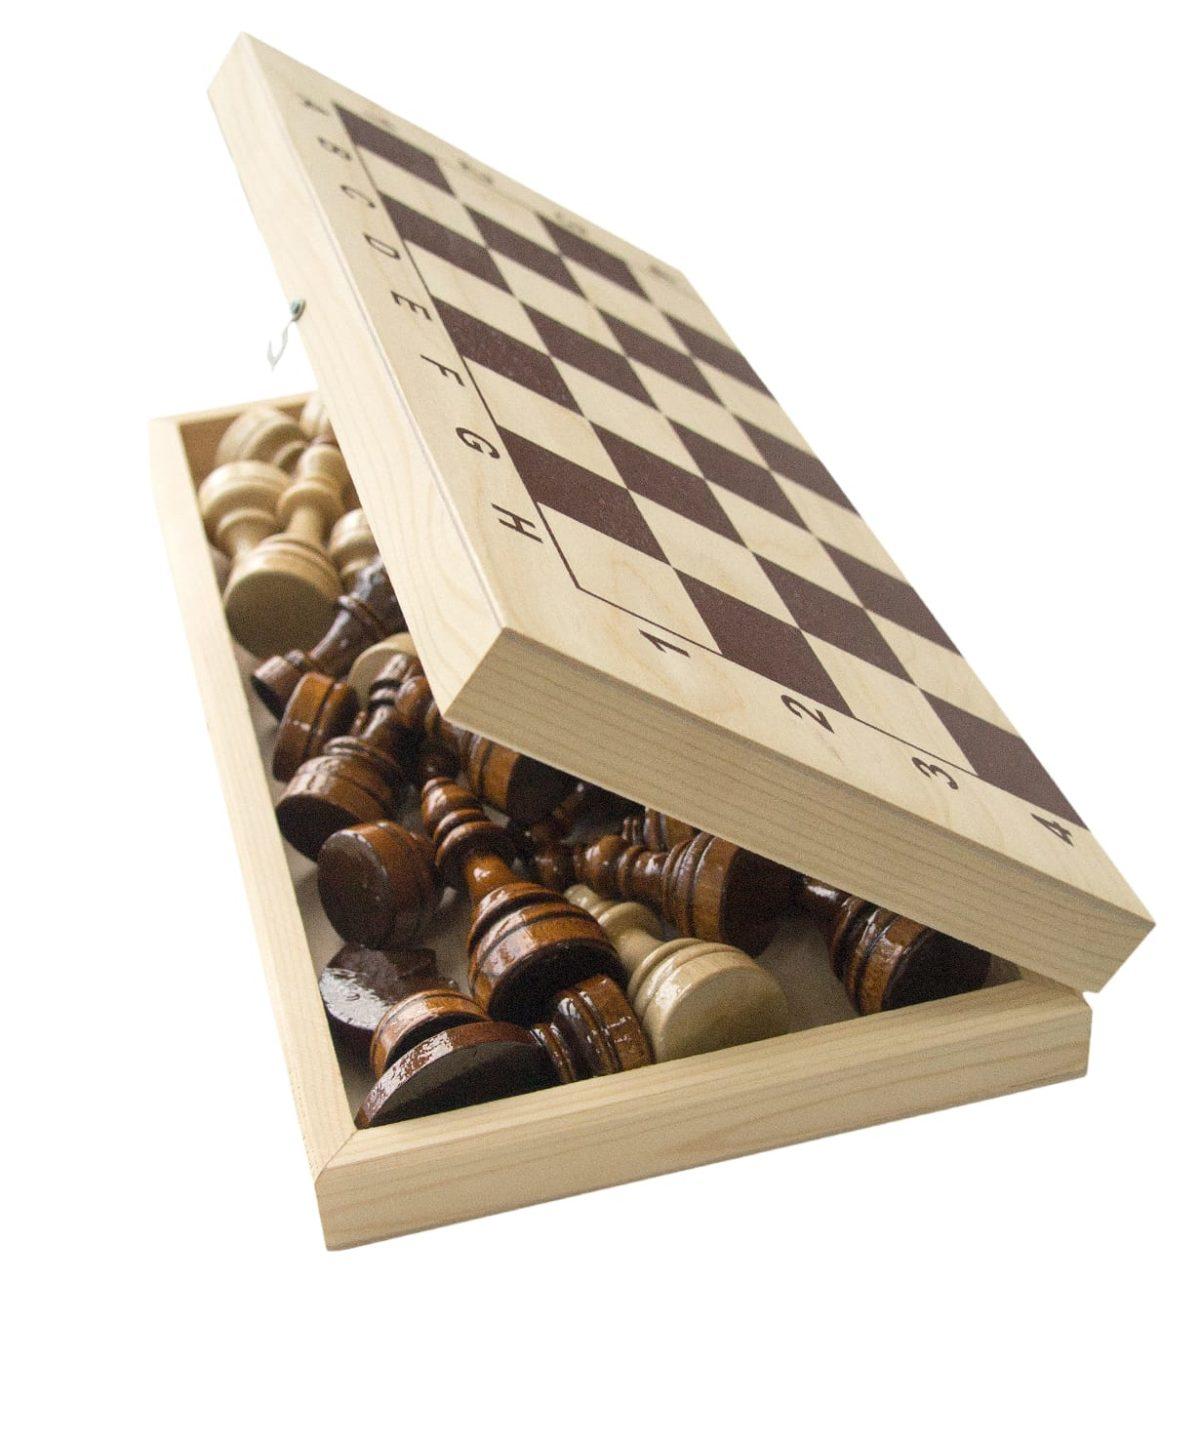 Шахматы гроссмейстерские, лакированные  2771(Е-1) - 2